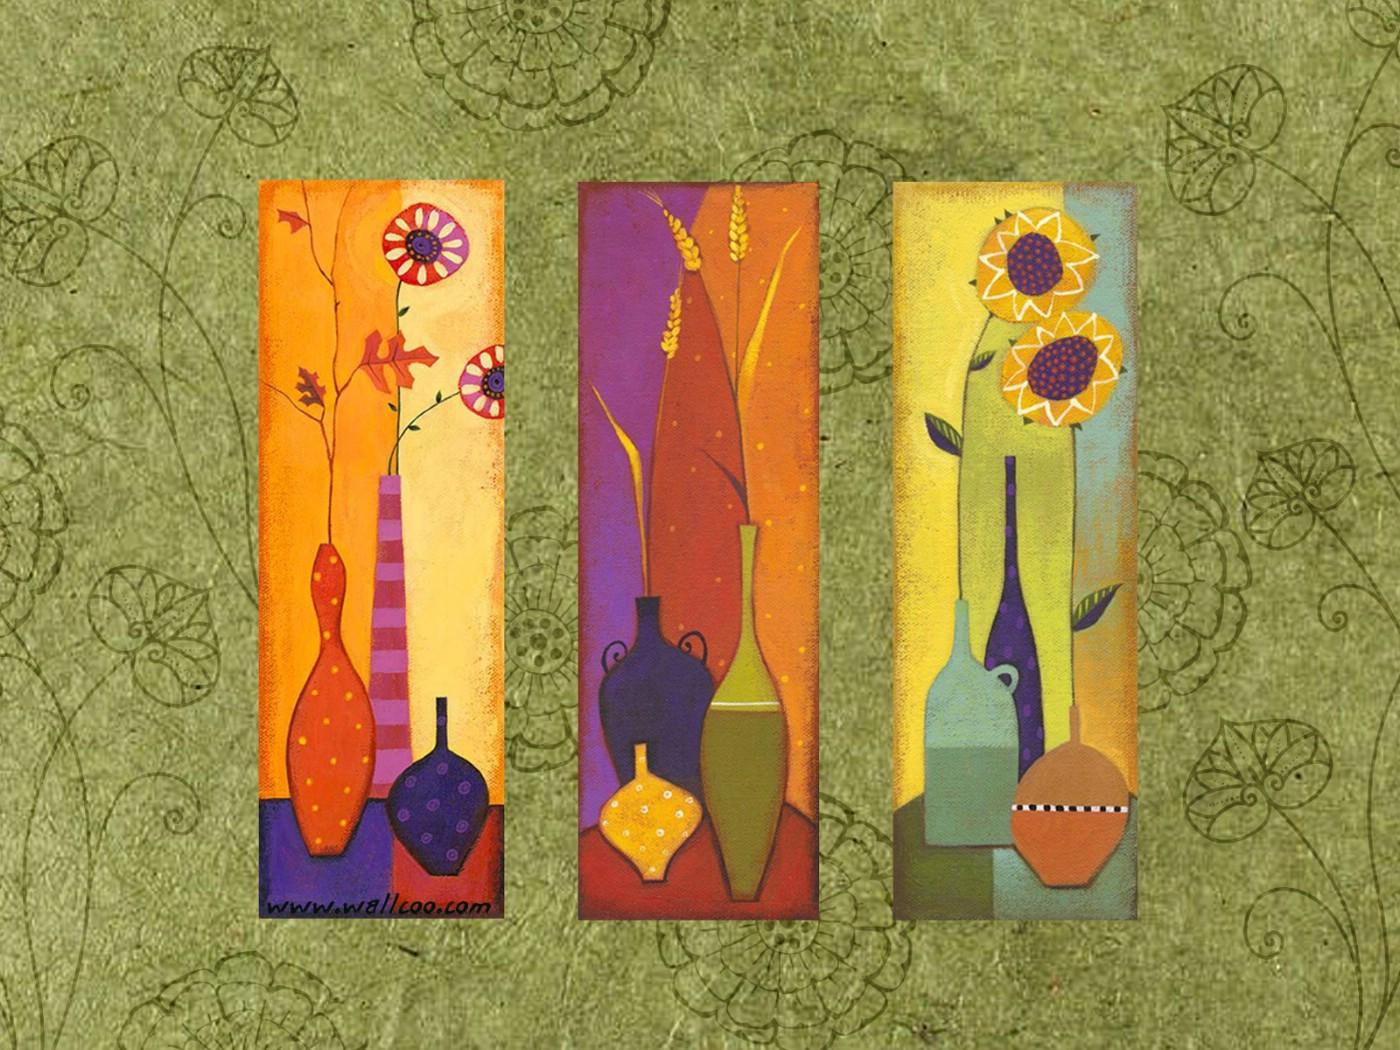 壁纸1400×1050艺术花卉壁纸 抽象花卉插画壁纸壁纸 艺术与抽象花卉壁纸壁纸图片花卉壁纸花卉图片素材桌面壁纸